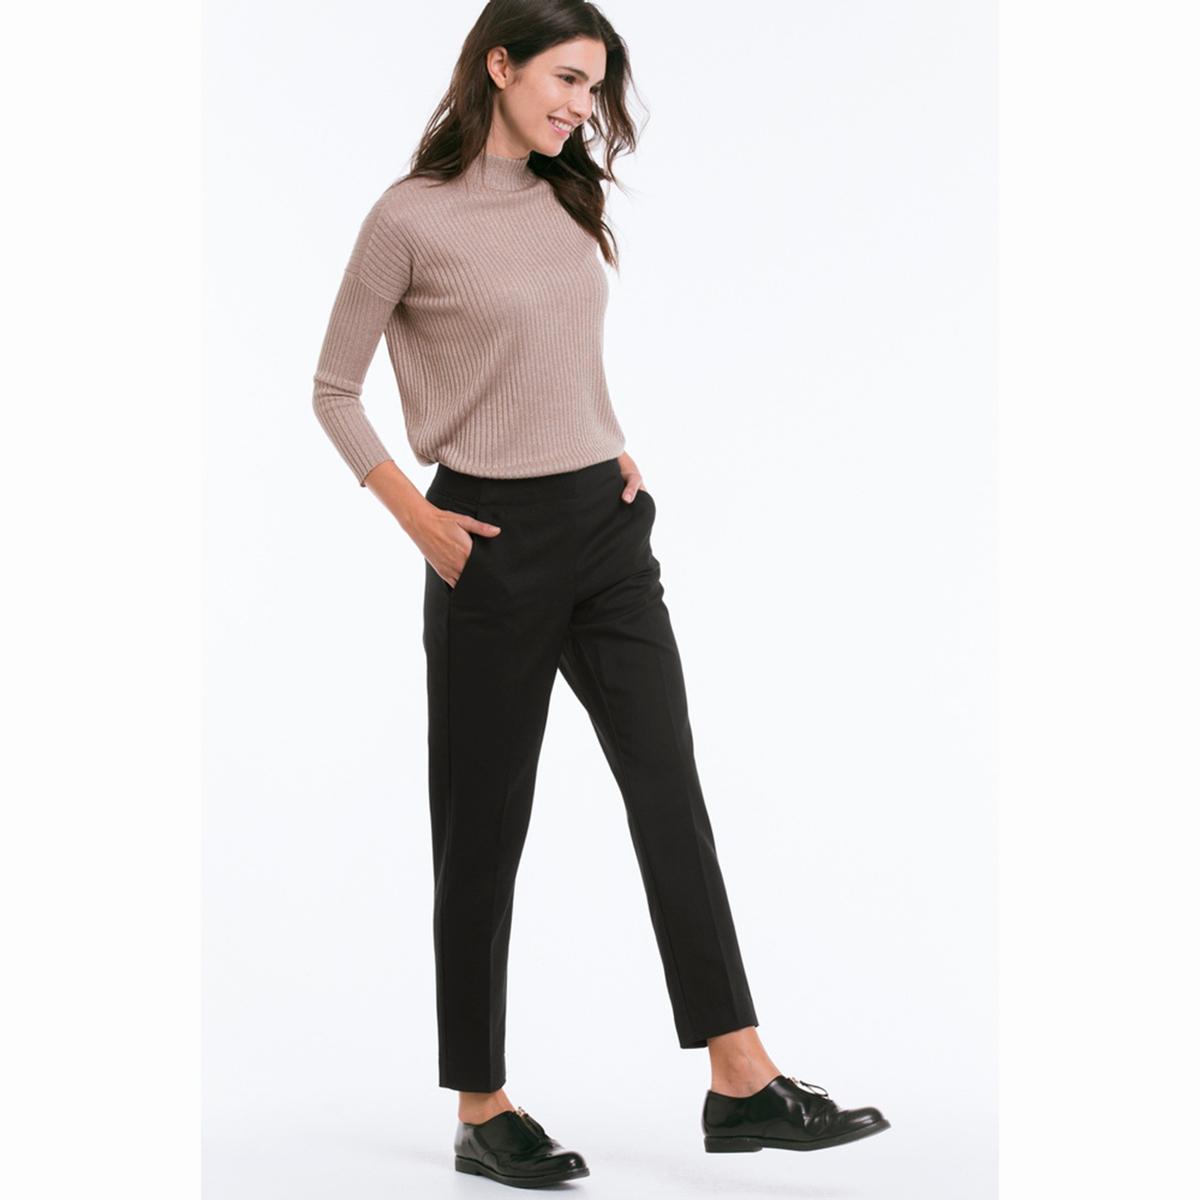 БрюкиСимпатичные брюки-дудочки, длина до щиколотки. Из красиво ниспадающей ткани, со складками и боковыми карманами. Стандартная высота талии без застежки. Широкая резинка сзади. Длина по внутр. шву ок.70 см. для всех размеров. Ширина по низу ок.32 см. 95 см для размера 38. 64% полиэстера, 34% вискозы, 2% эластана. Покрой: стандартный. Стирка при 40°.<br><br>Цвет: черный<br>Размер: 42 (FR) - 48 (RUS)